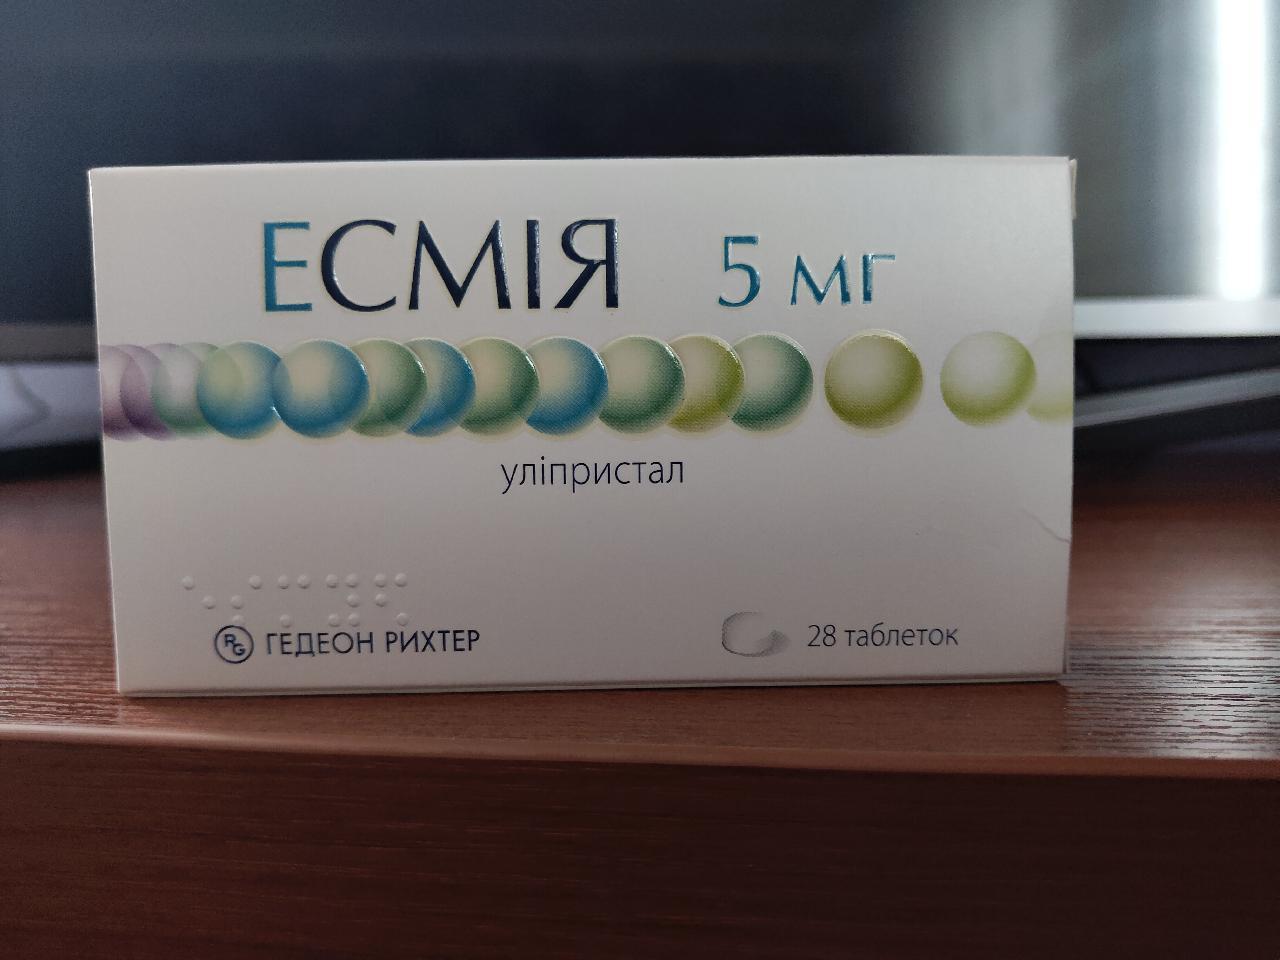 Гинестрил – лечение миомы, экстренная контрацепция… на что еще «способен» мифепристон?